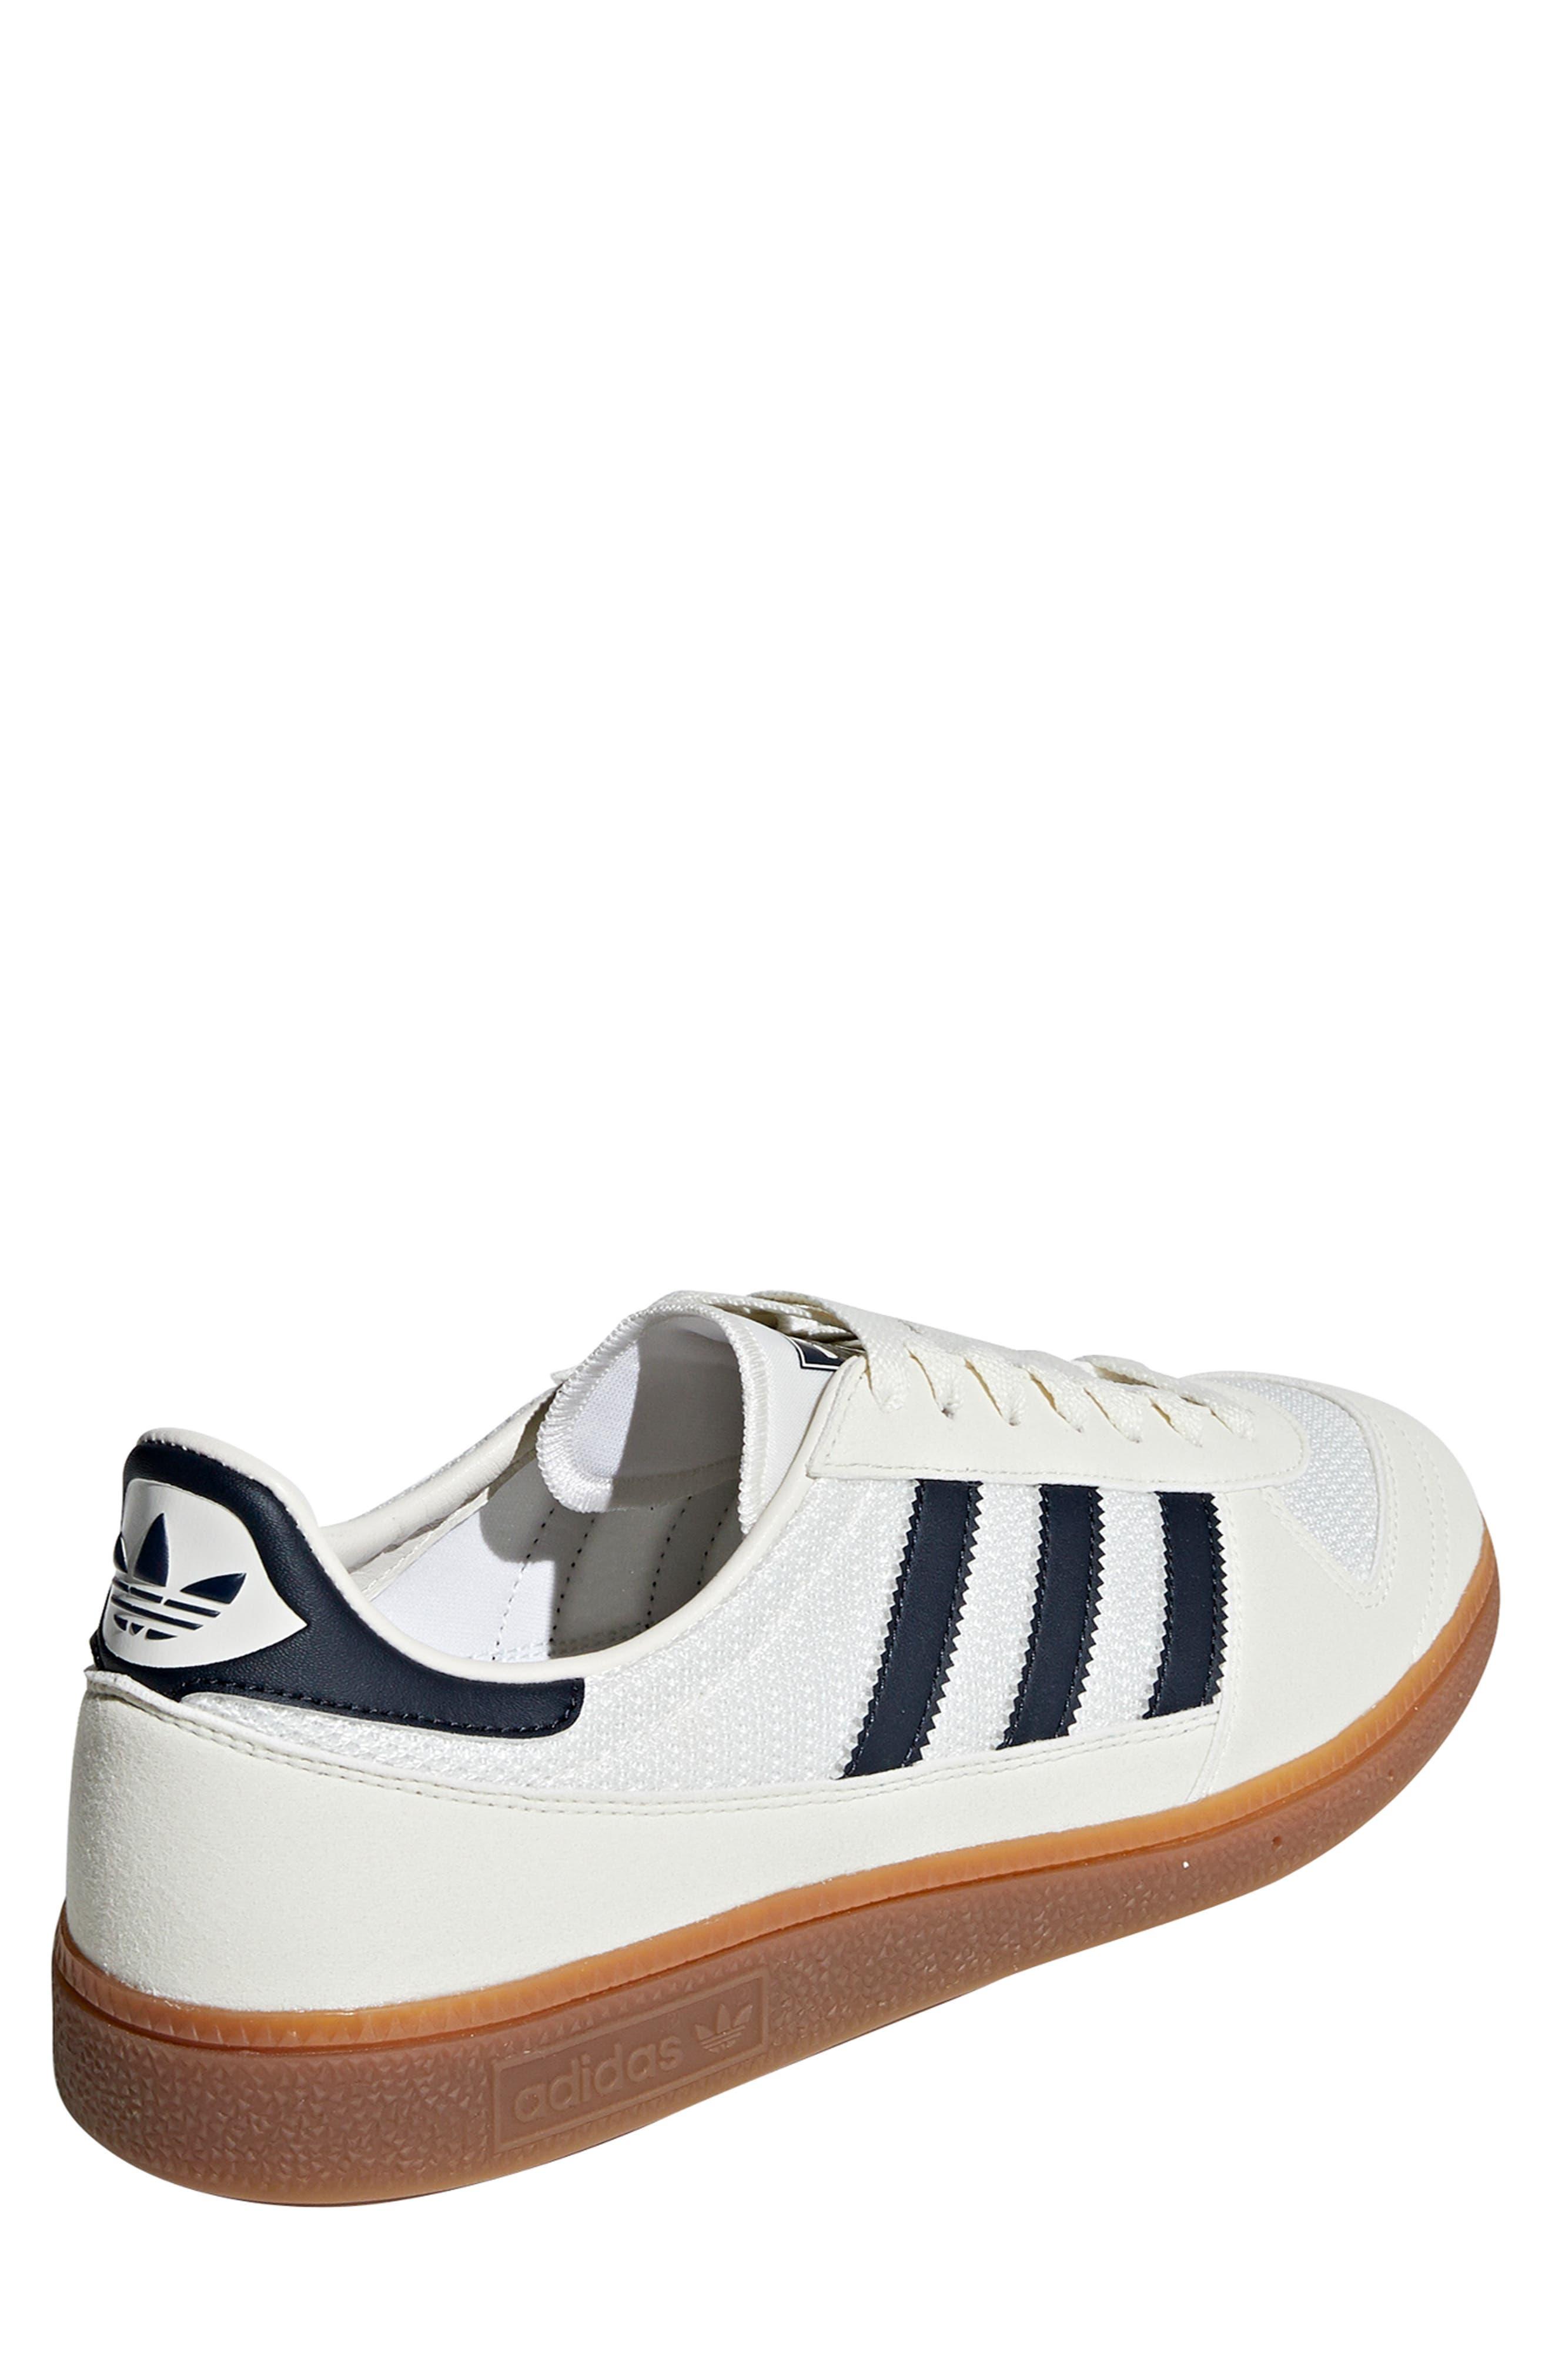 Wilsy SPZL Sneaker,                             Alternate thumbnail 2, color,                             OFF WHITE/ NIGHT NAVY